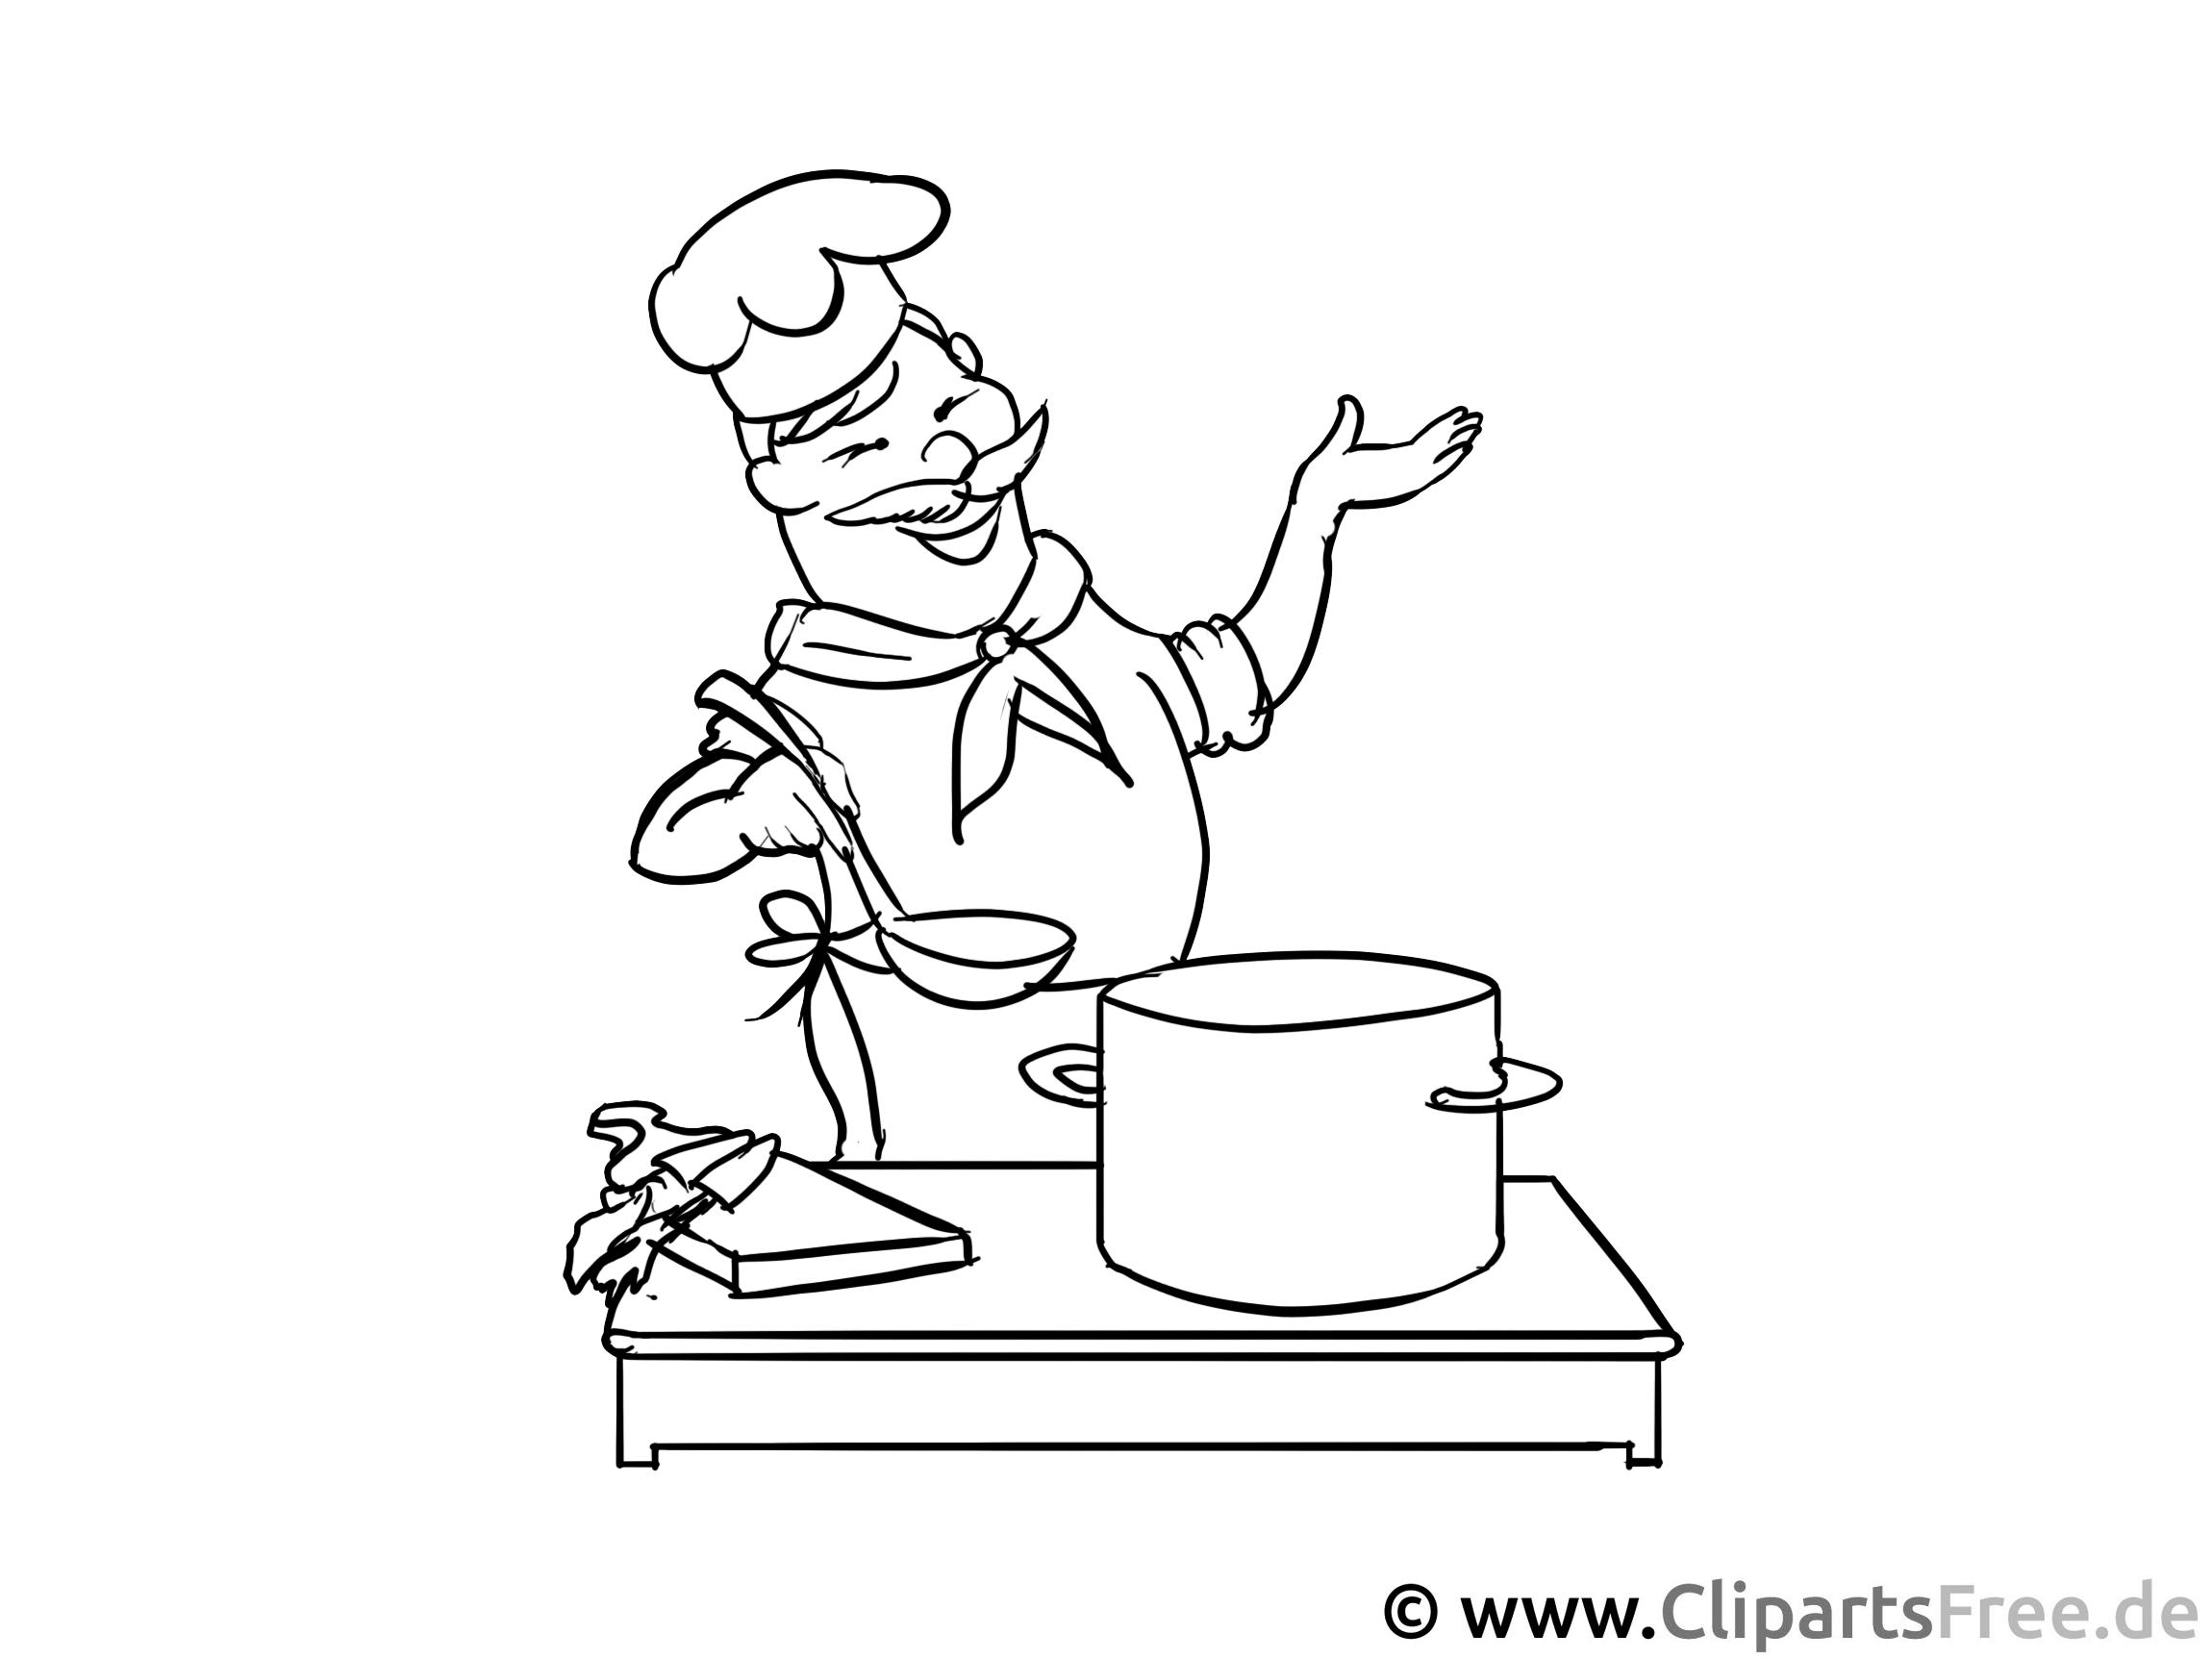 Koch Malvorlage - Berufe Ausmalbilder für den Unterricht